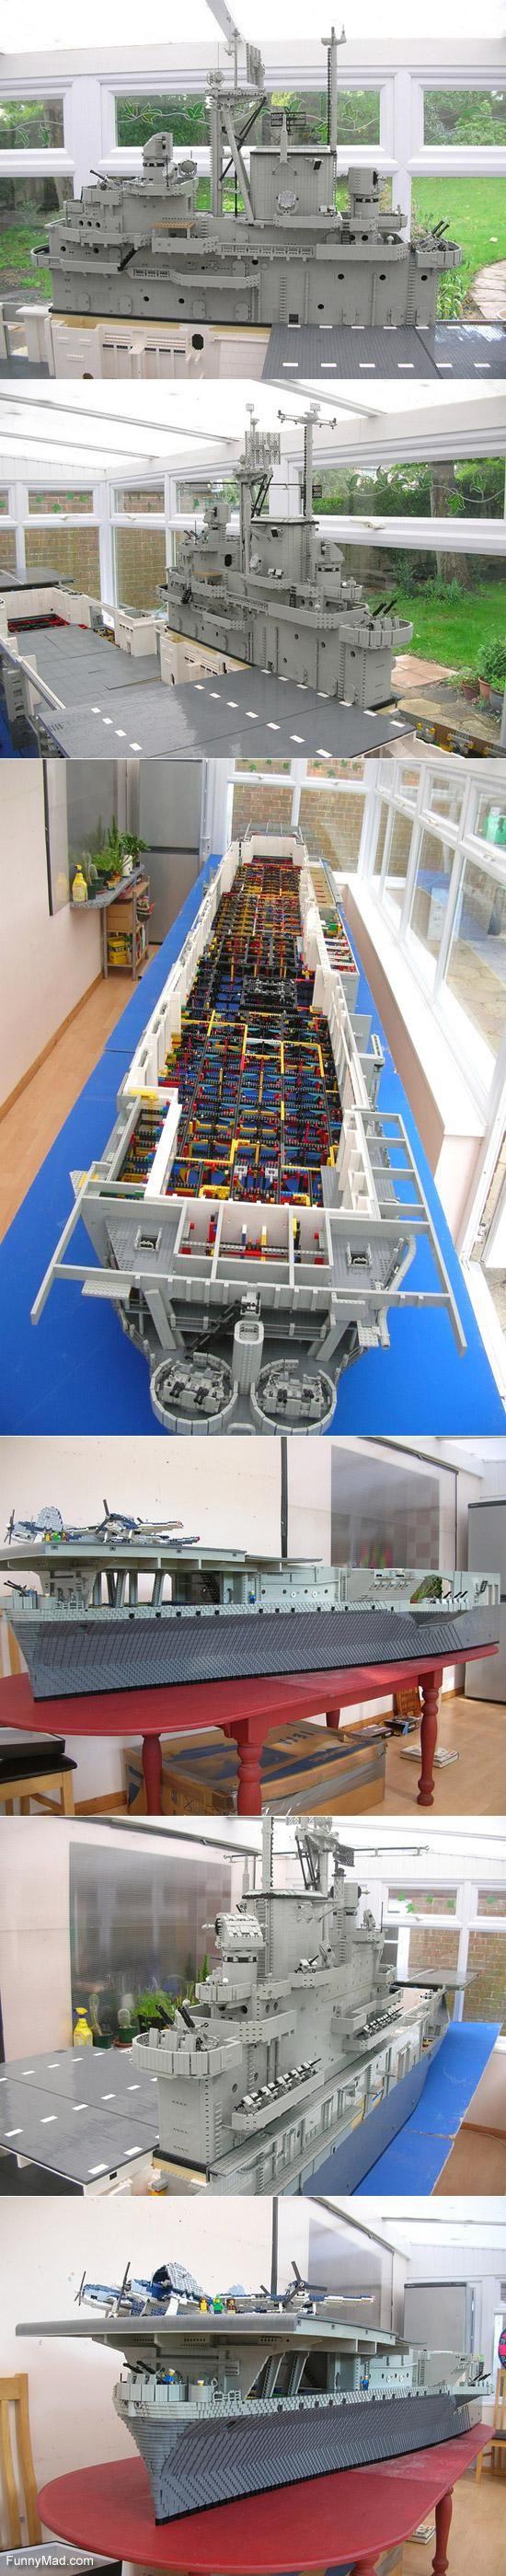 Lego Aircraft Carrier USS Intrepid (CV-11)